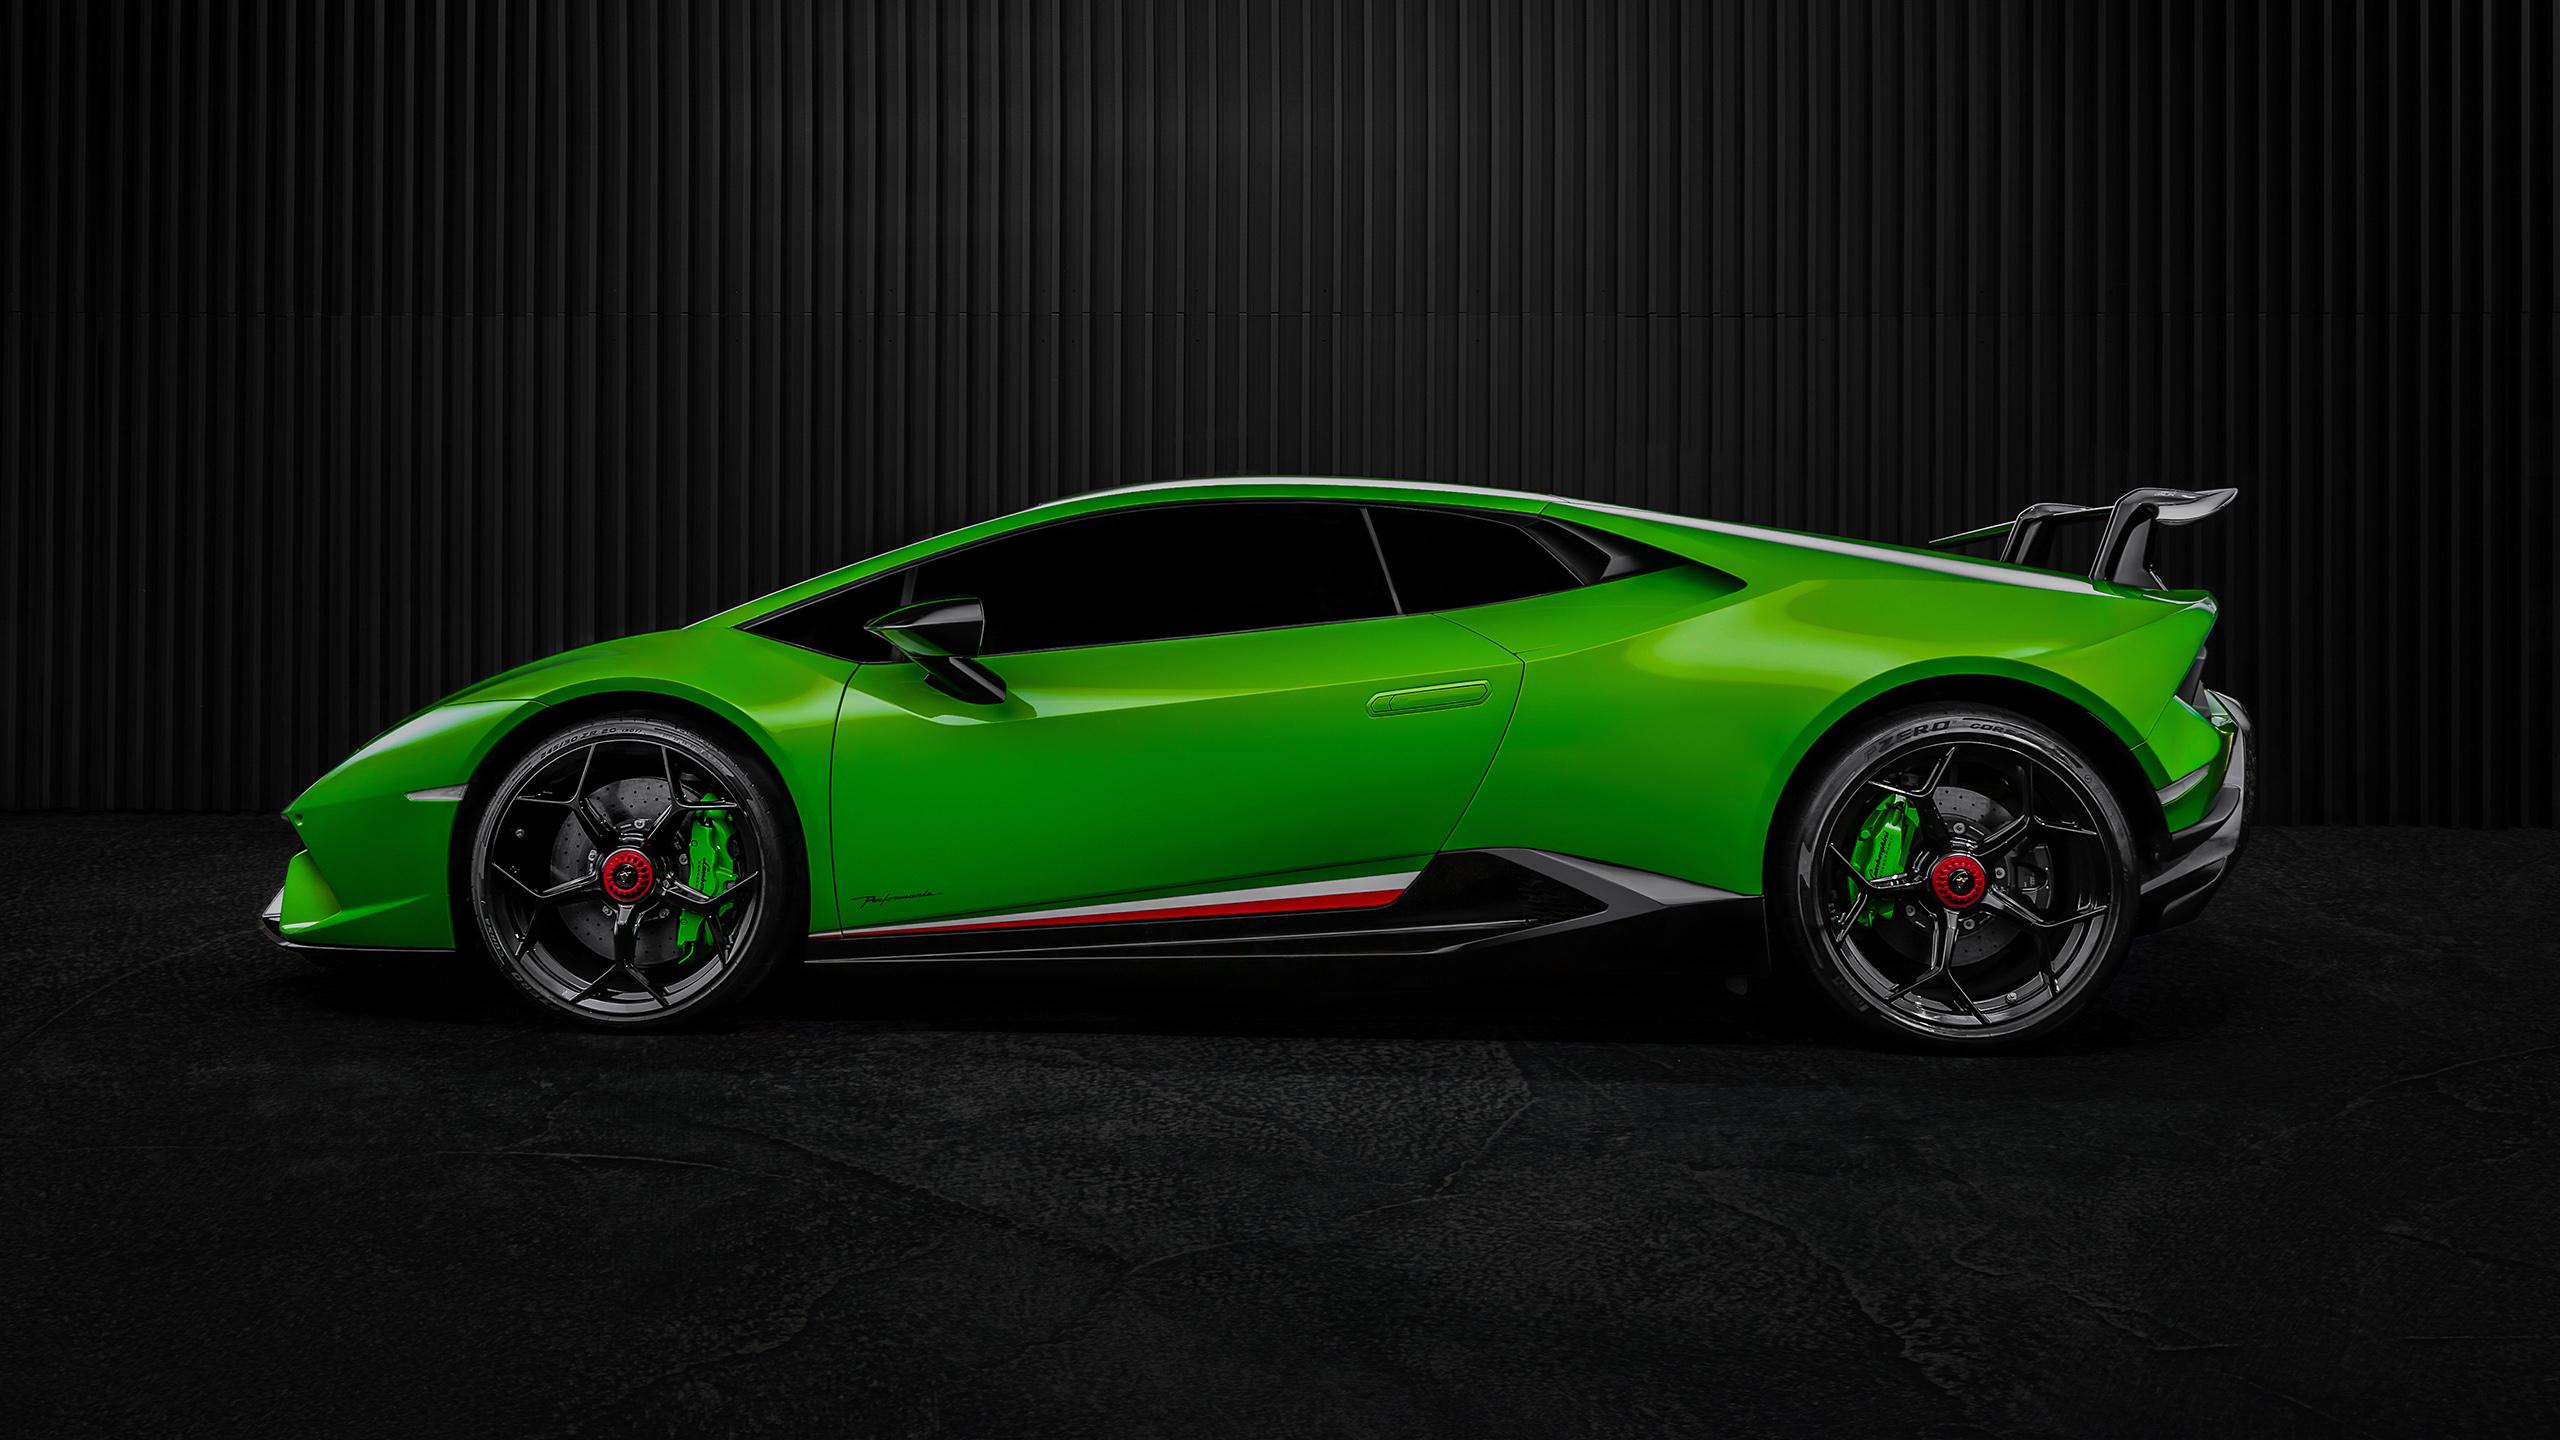 Lamborghini Huracan 4 2020